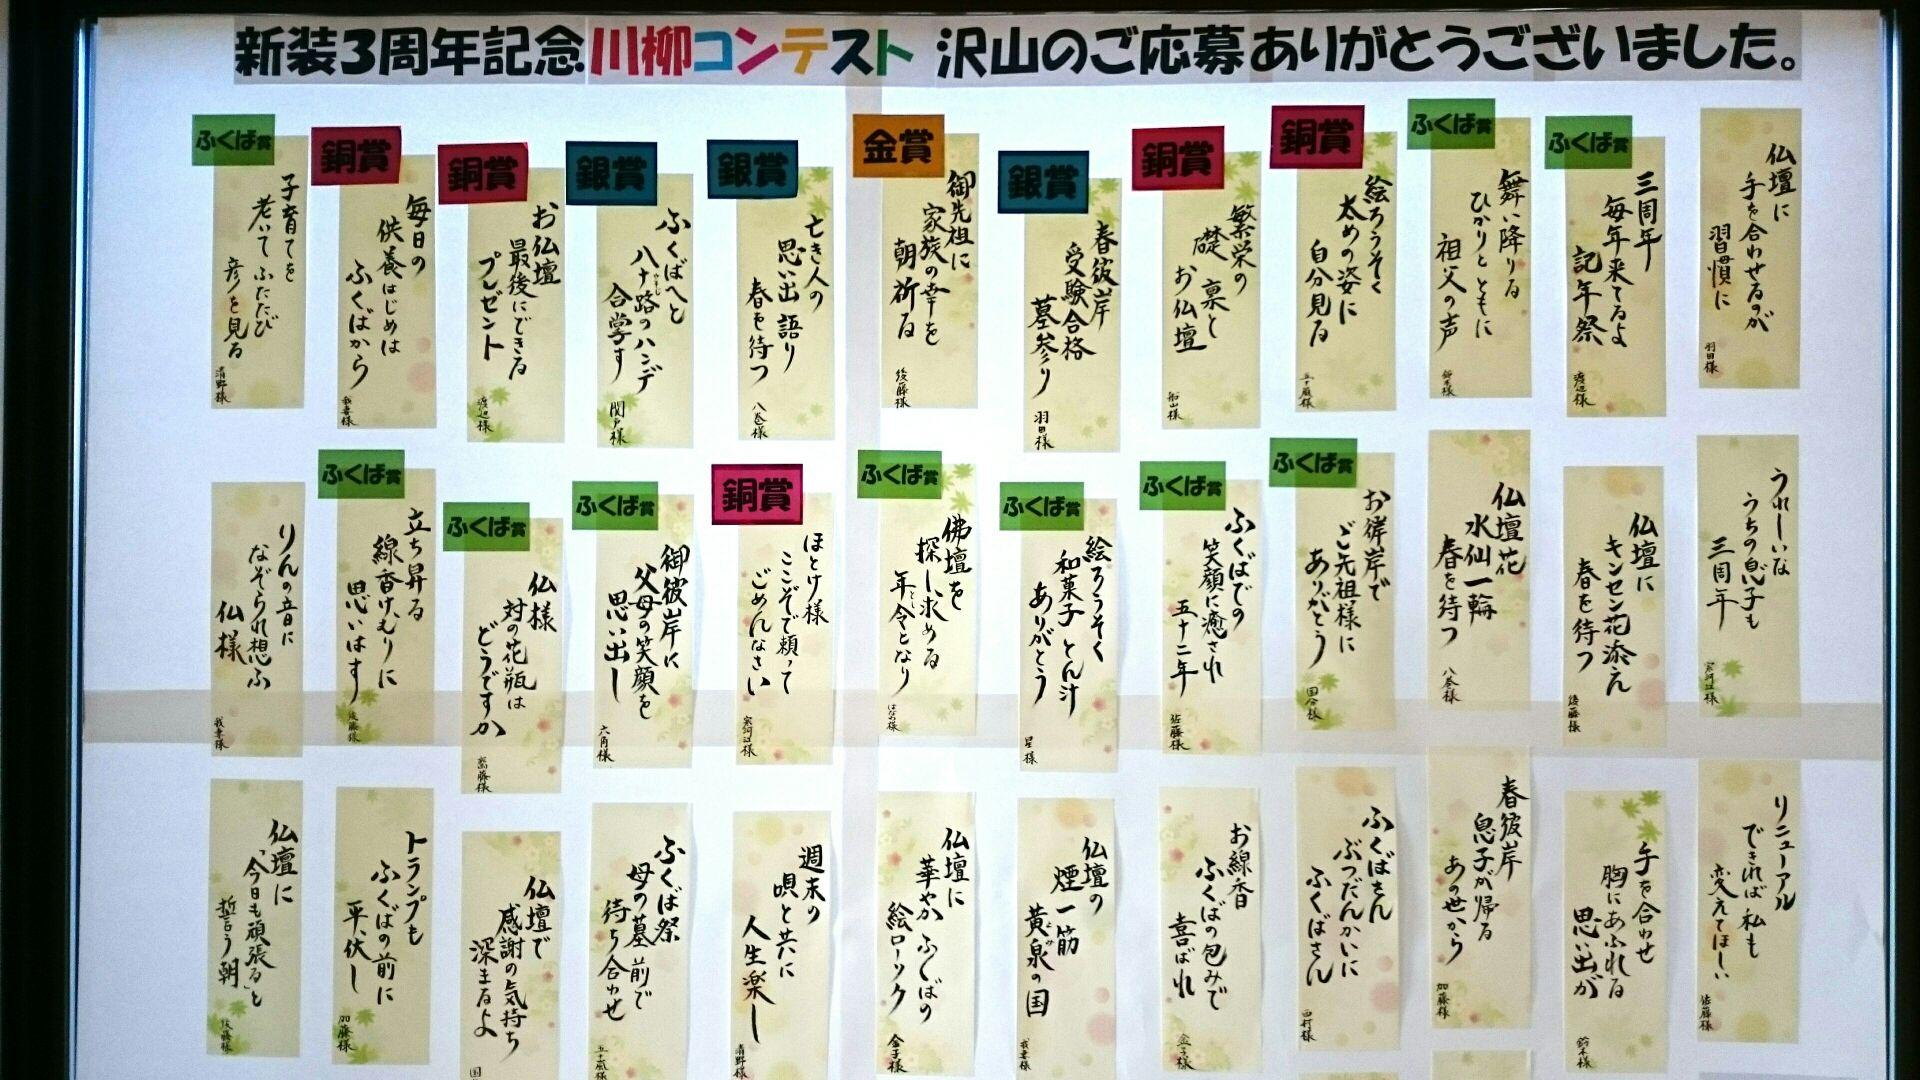 ふくば 福島 仏壇 写真ギャラリー画像38